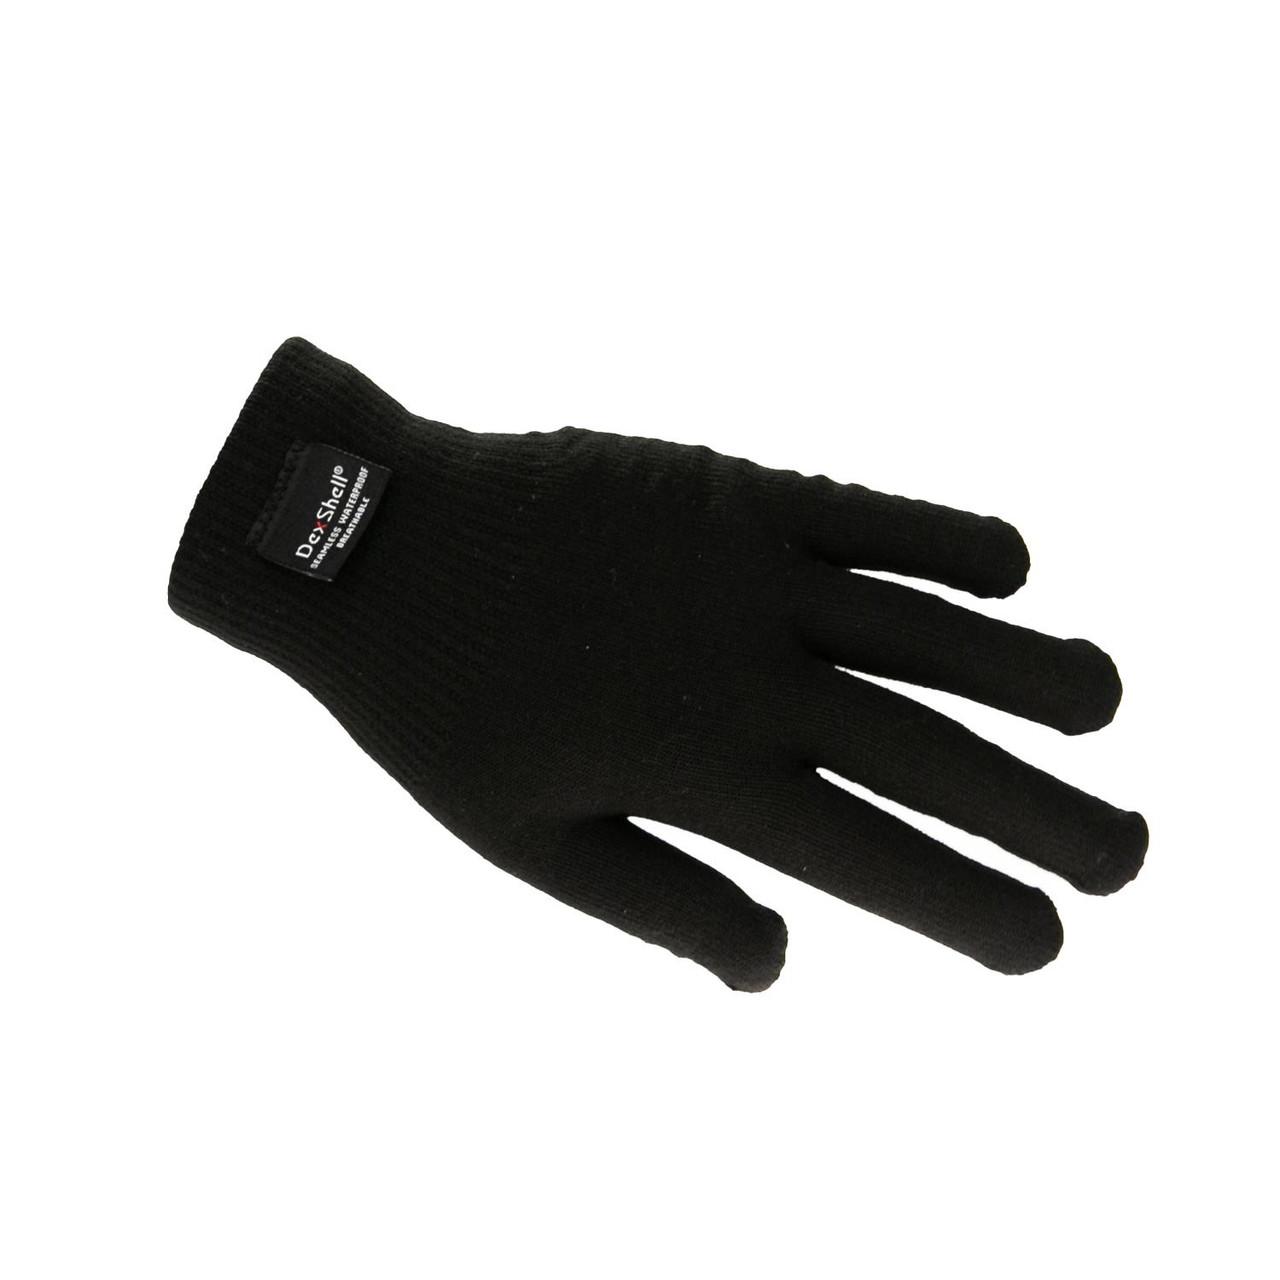 DexShell Touchfit Waterproof Gloves, Medium